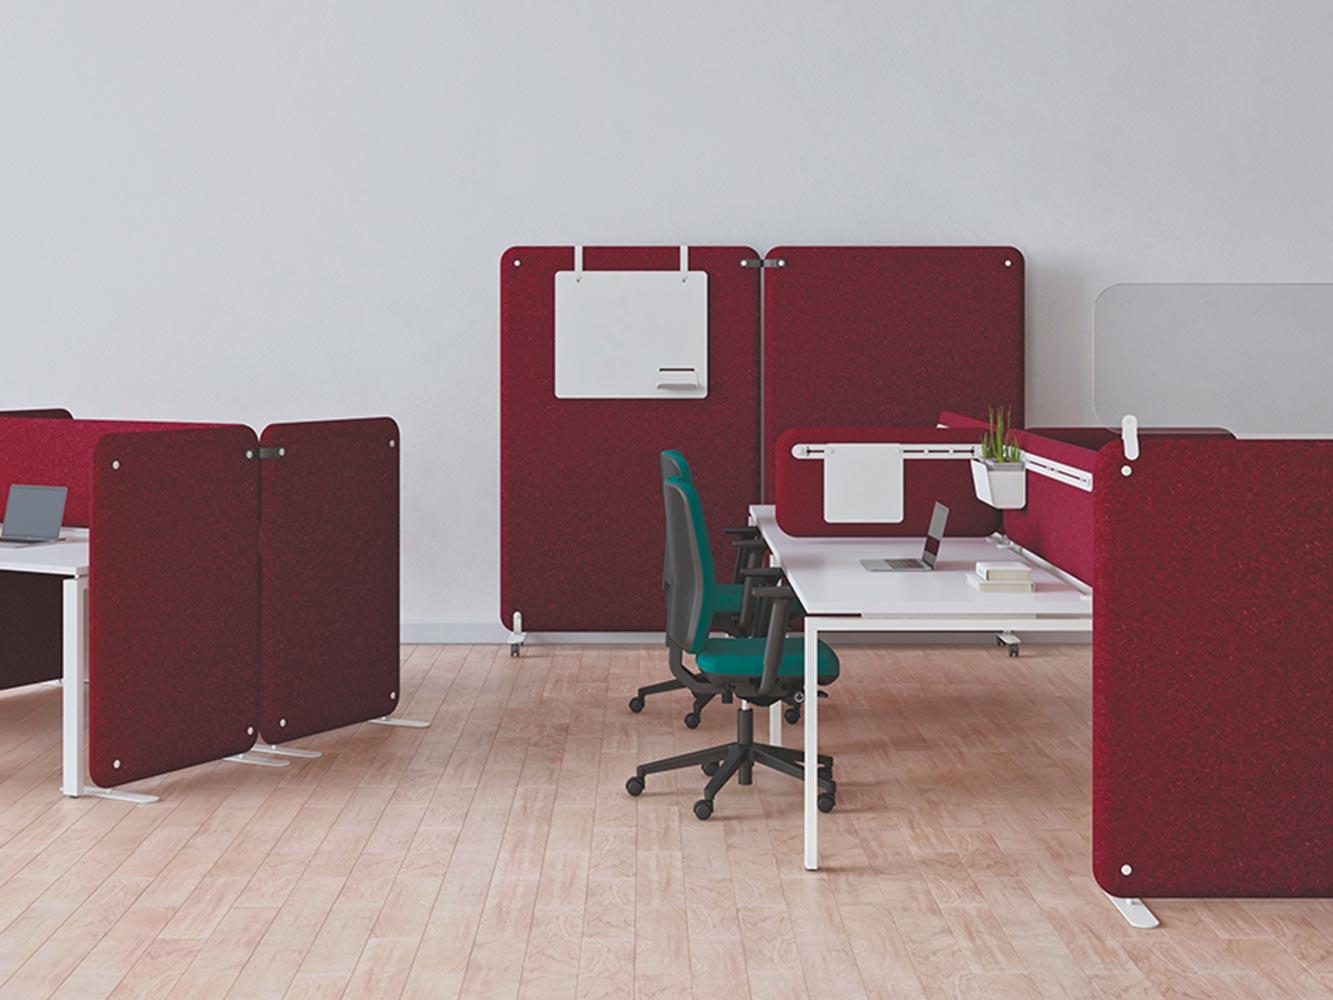 Cloison panneaux acoustiques Solange par EOL à retrouver par Global Concept